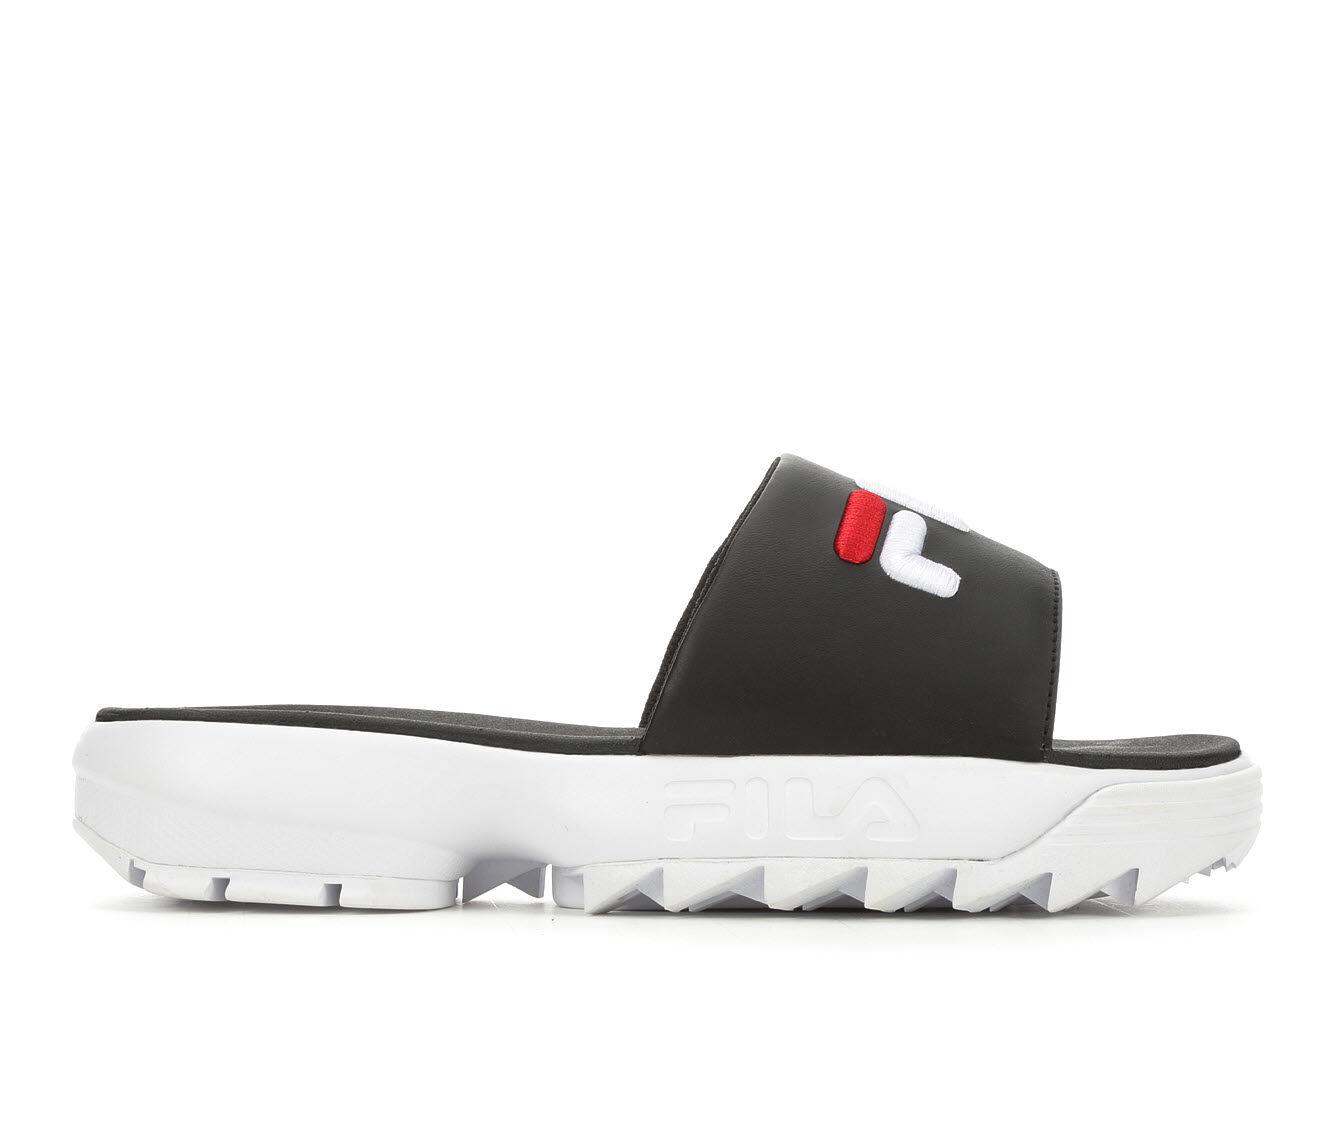 Women's Fila Disruptor Bold Slide Flatform Sandals Black/White/Red